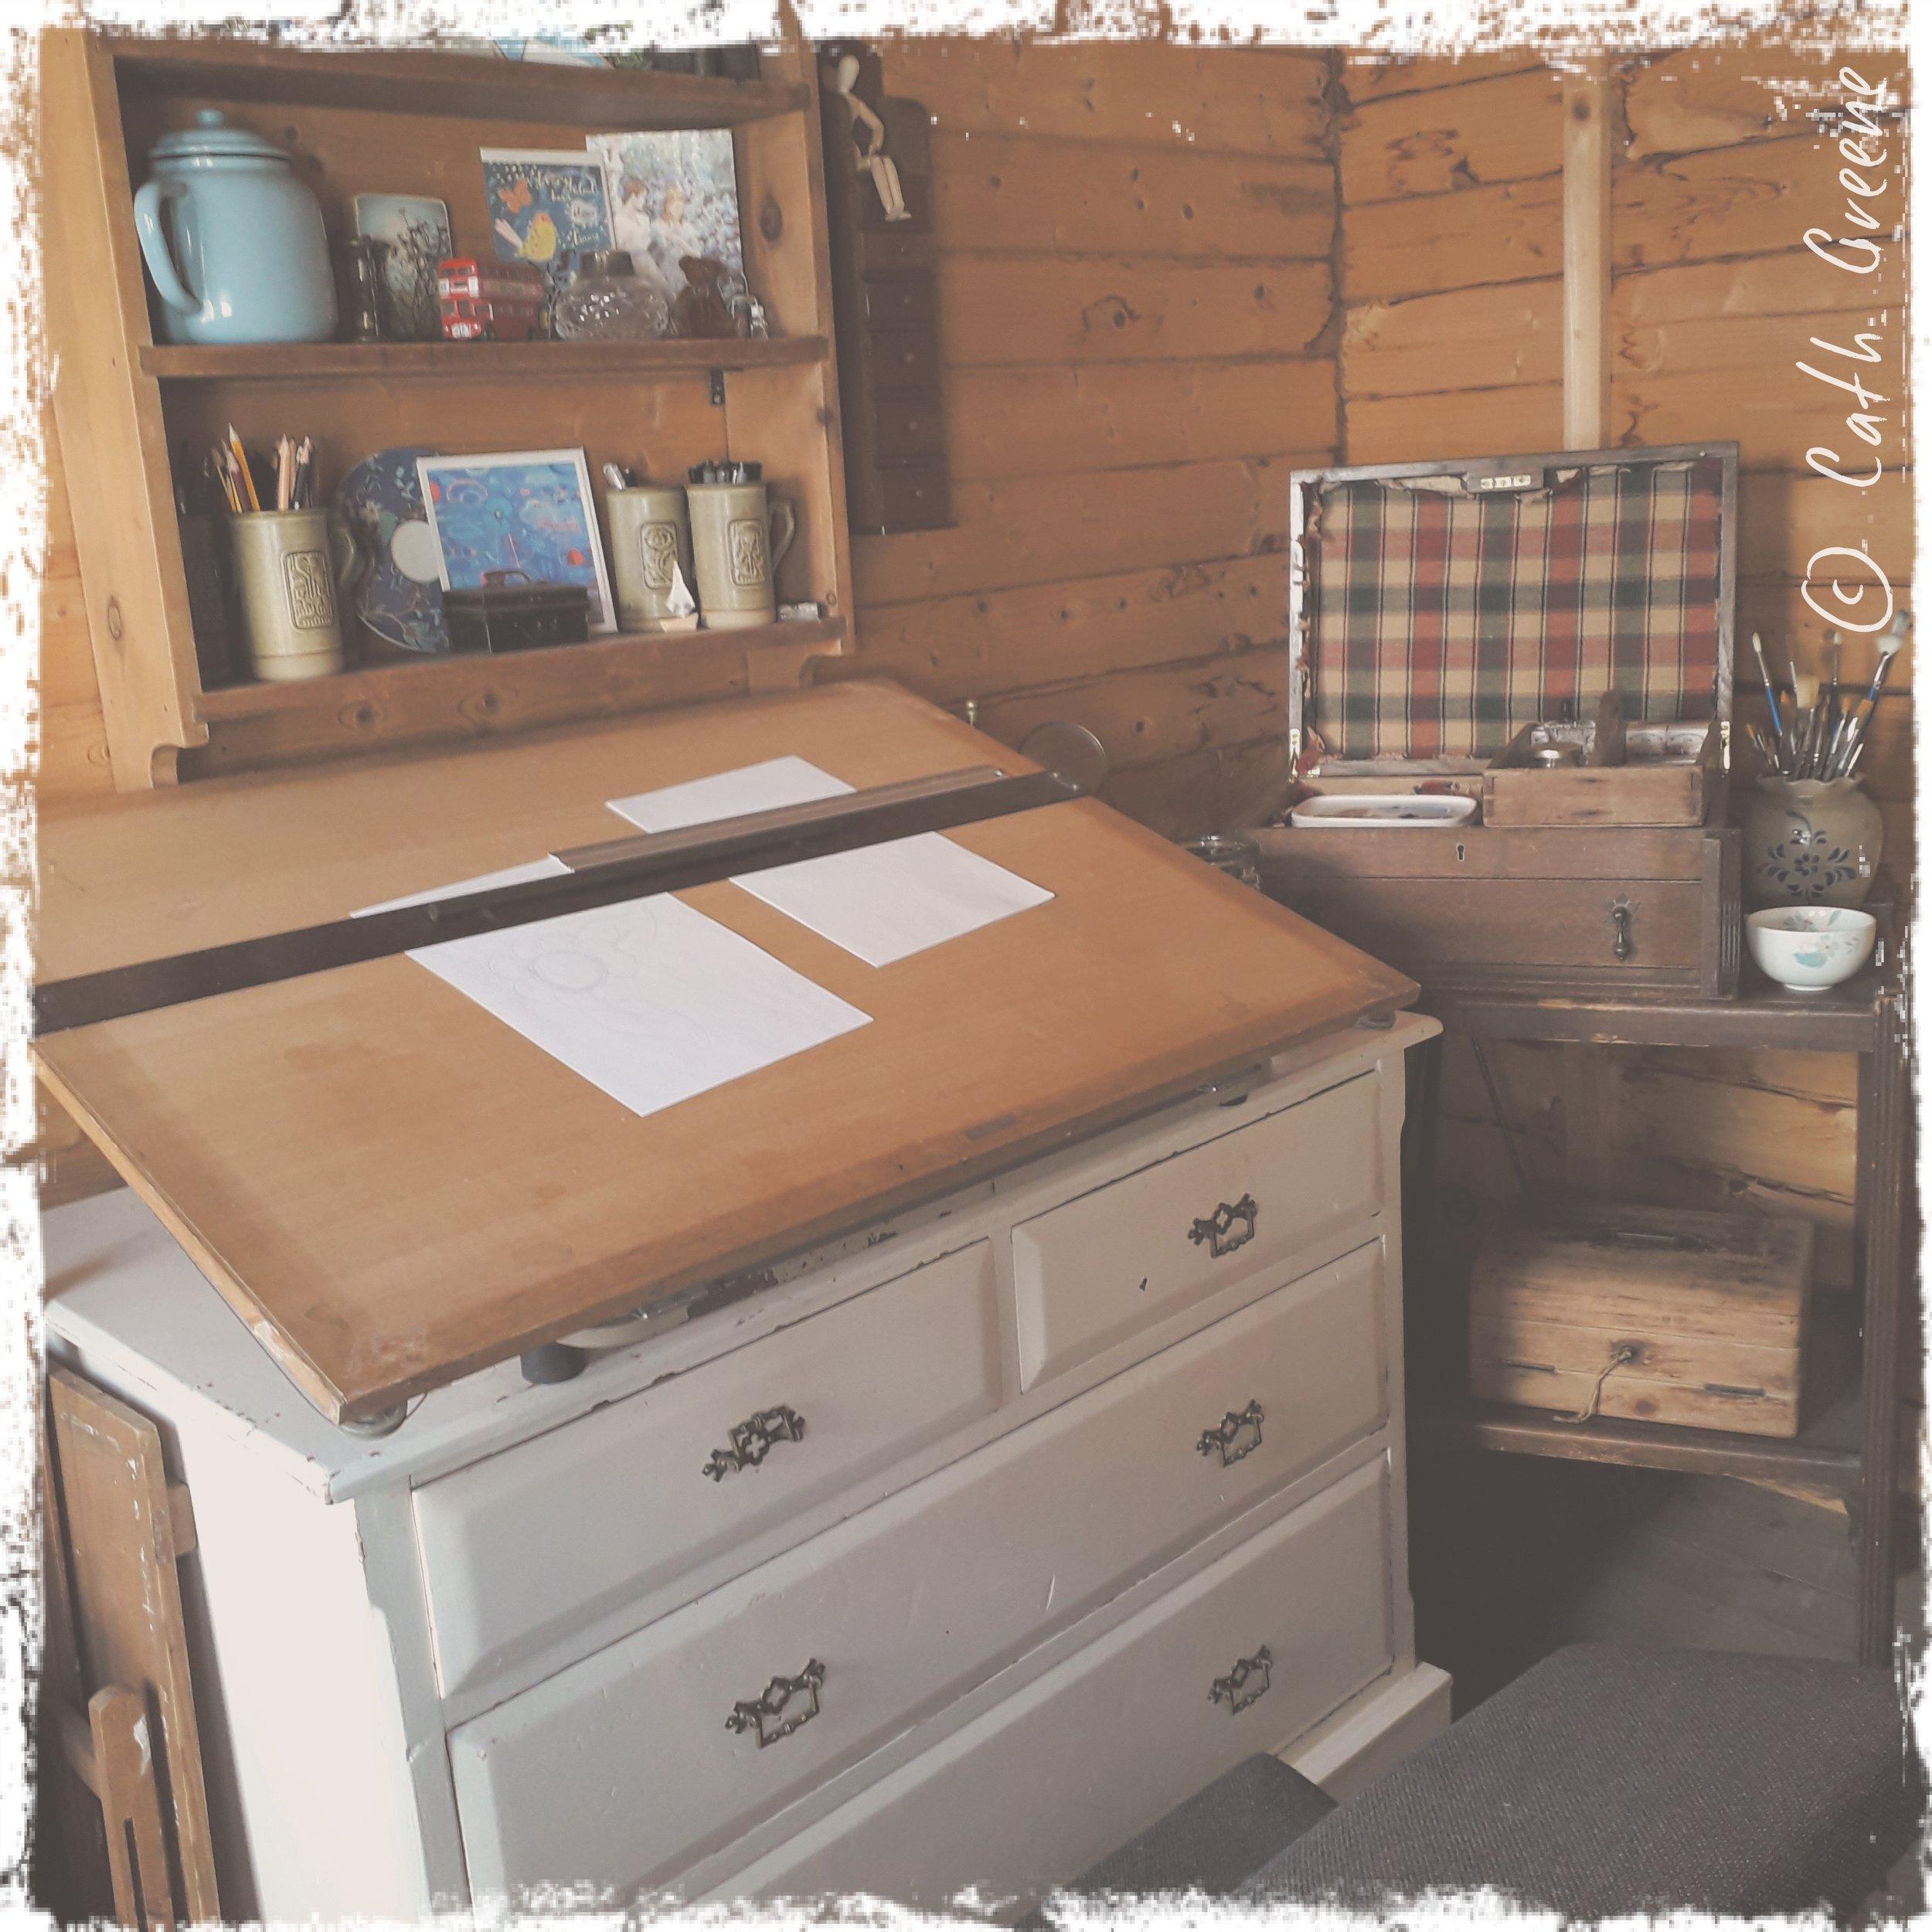 Cath Greene Studio pic.jpg